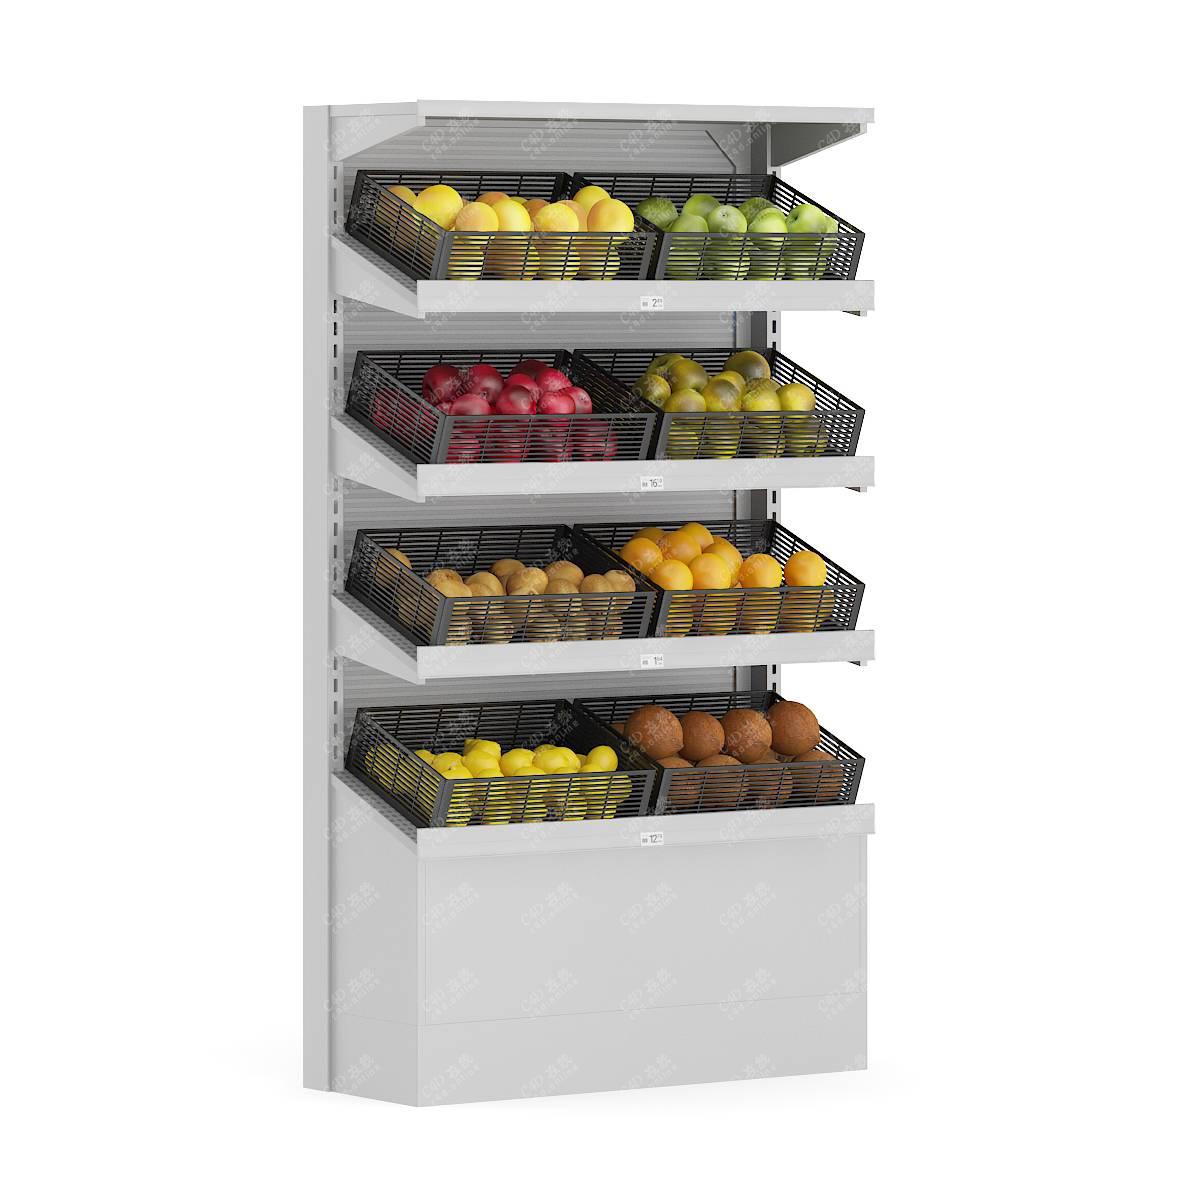 超市水果货架模型